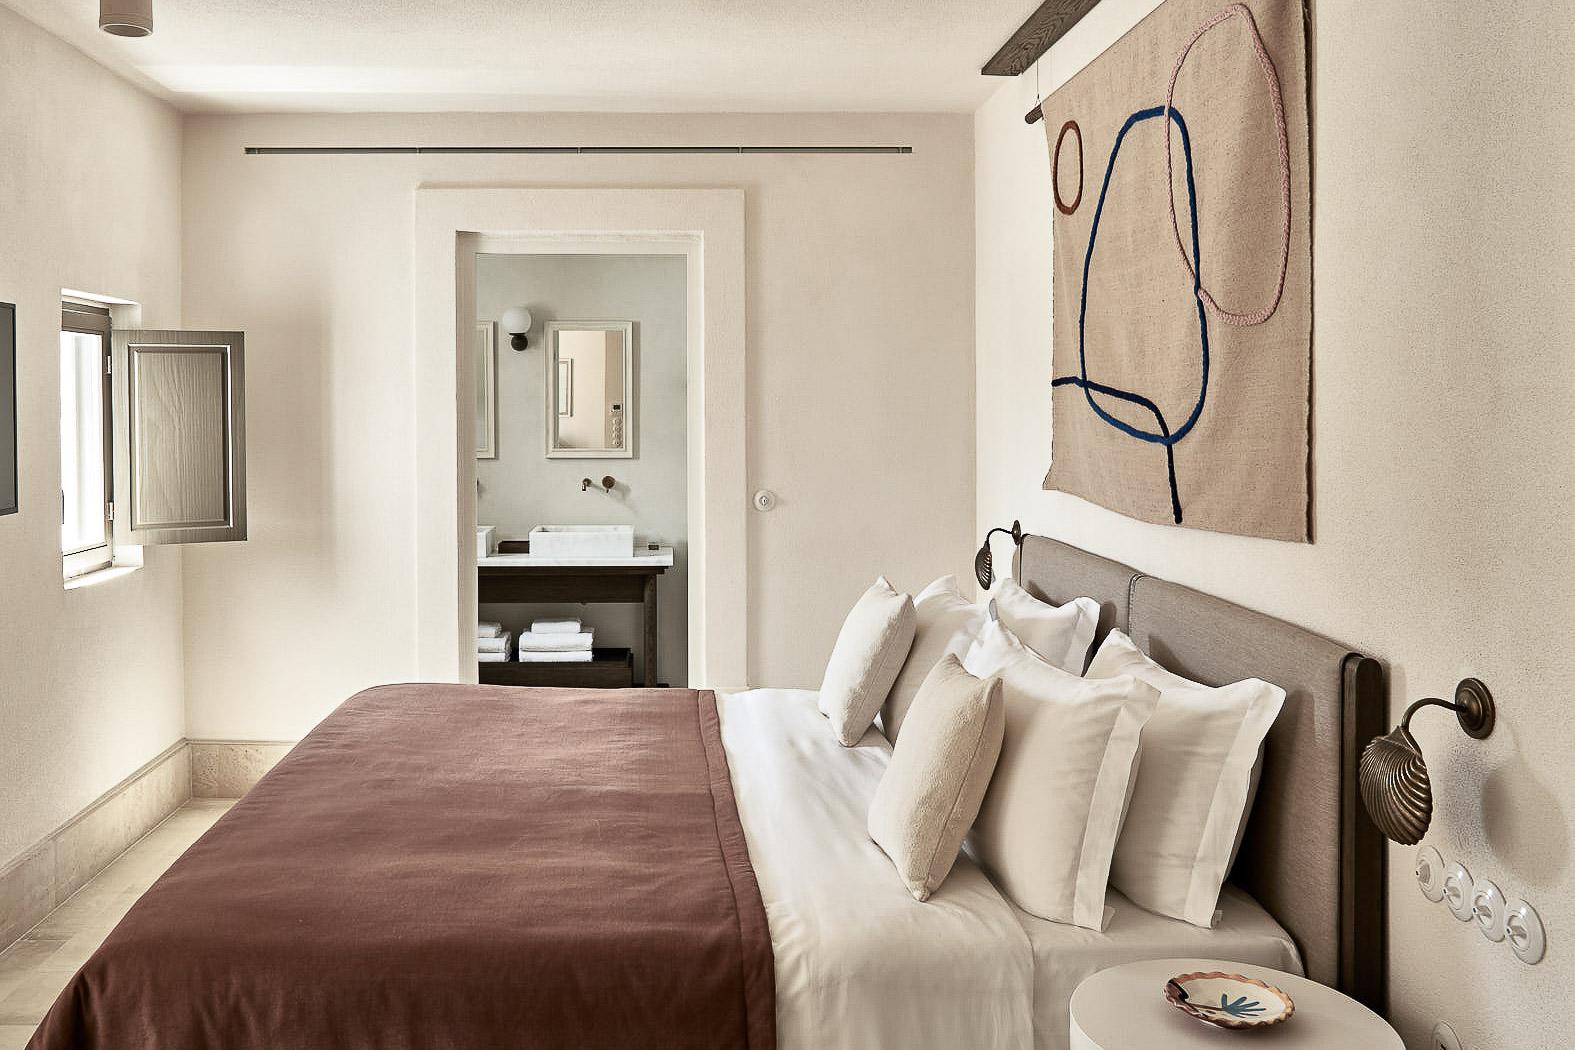 L'Uranus Suite offre le confort d'un salon séparé et d'une chambre luxueuse